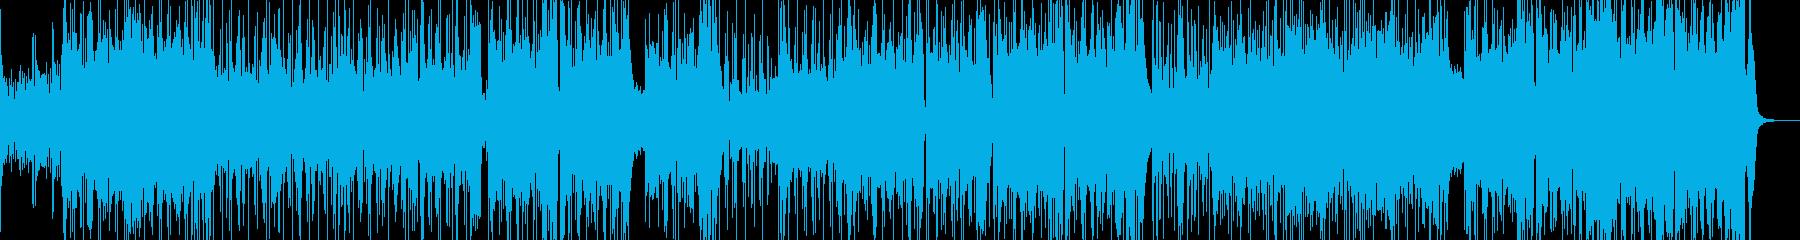 賑やかでカラフルなブラスポップス♪の再生済みの波形